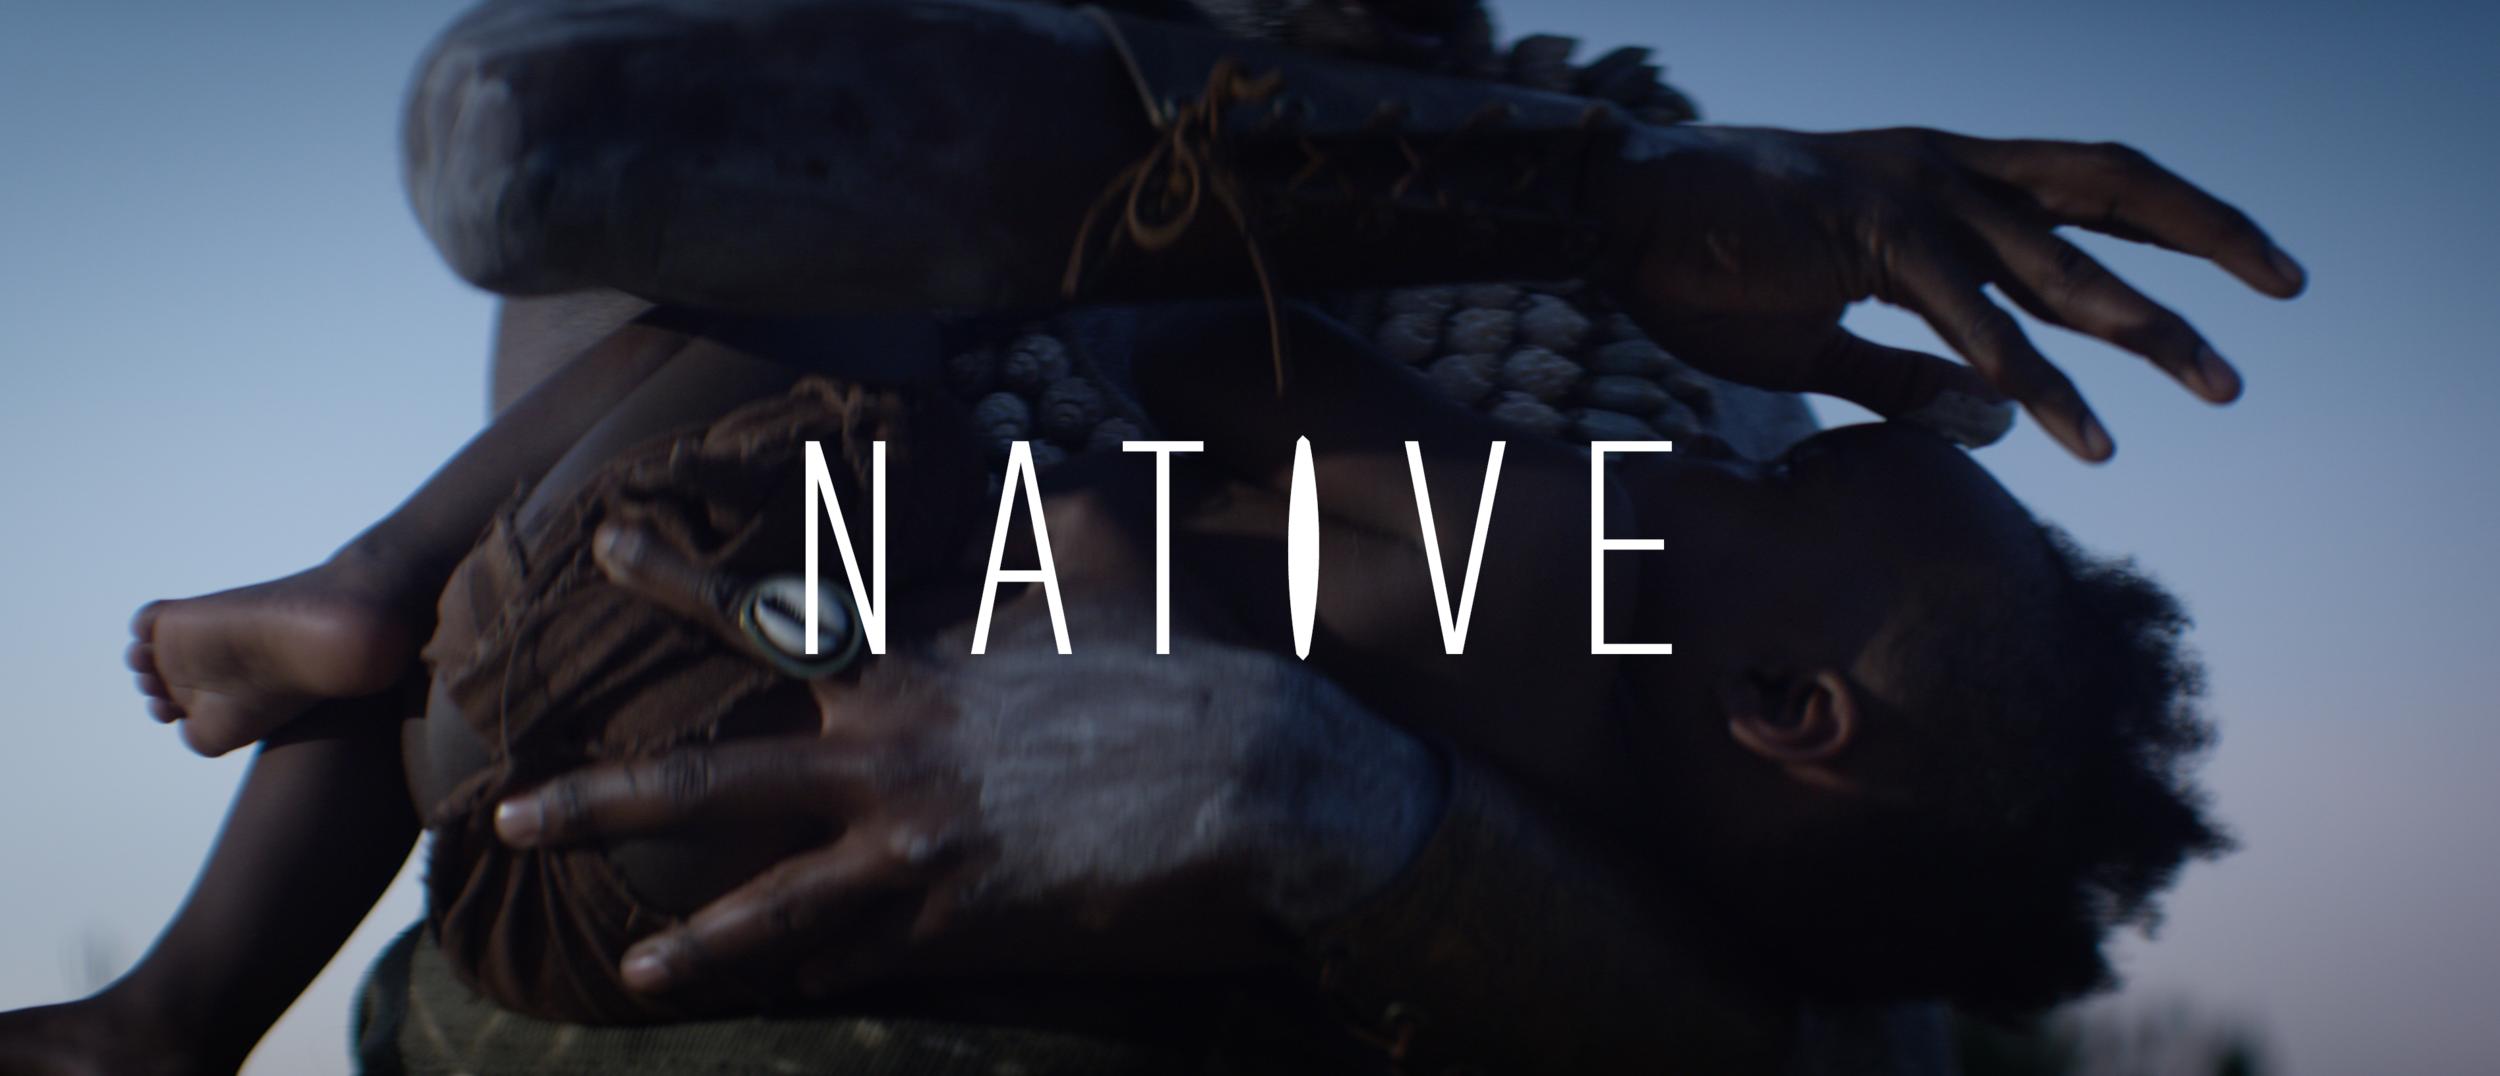 NativeLaurrells.png